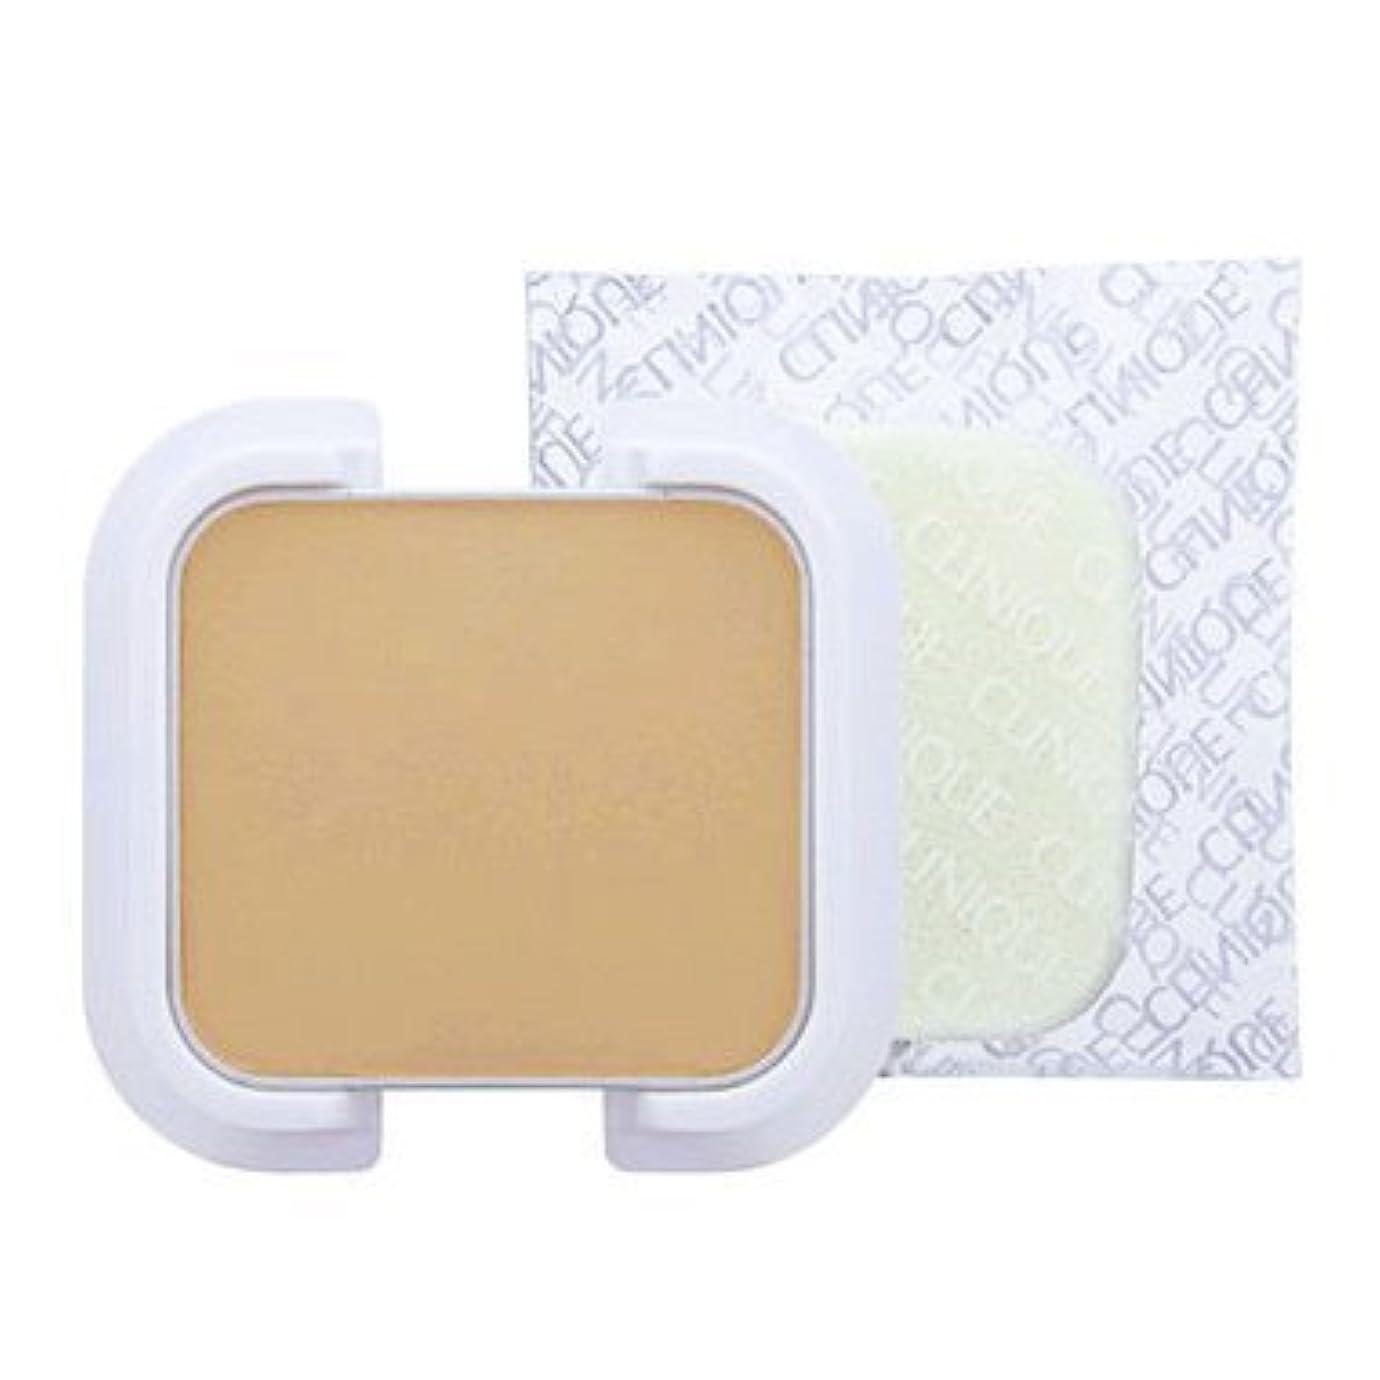 免除する意義たとえCLINIQUE クリニーク イーブン ベター パウダー メークアップ ウォーター ヴェール 27 (リフィル) #64 cream beige SPF27/PA+++ 10g [並行輸入品]